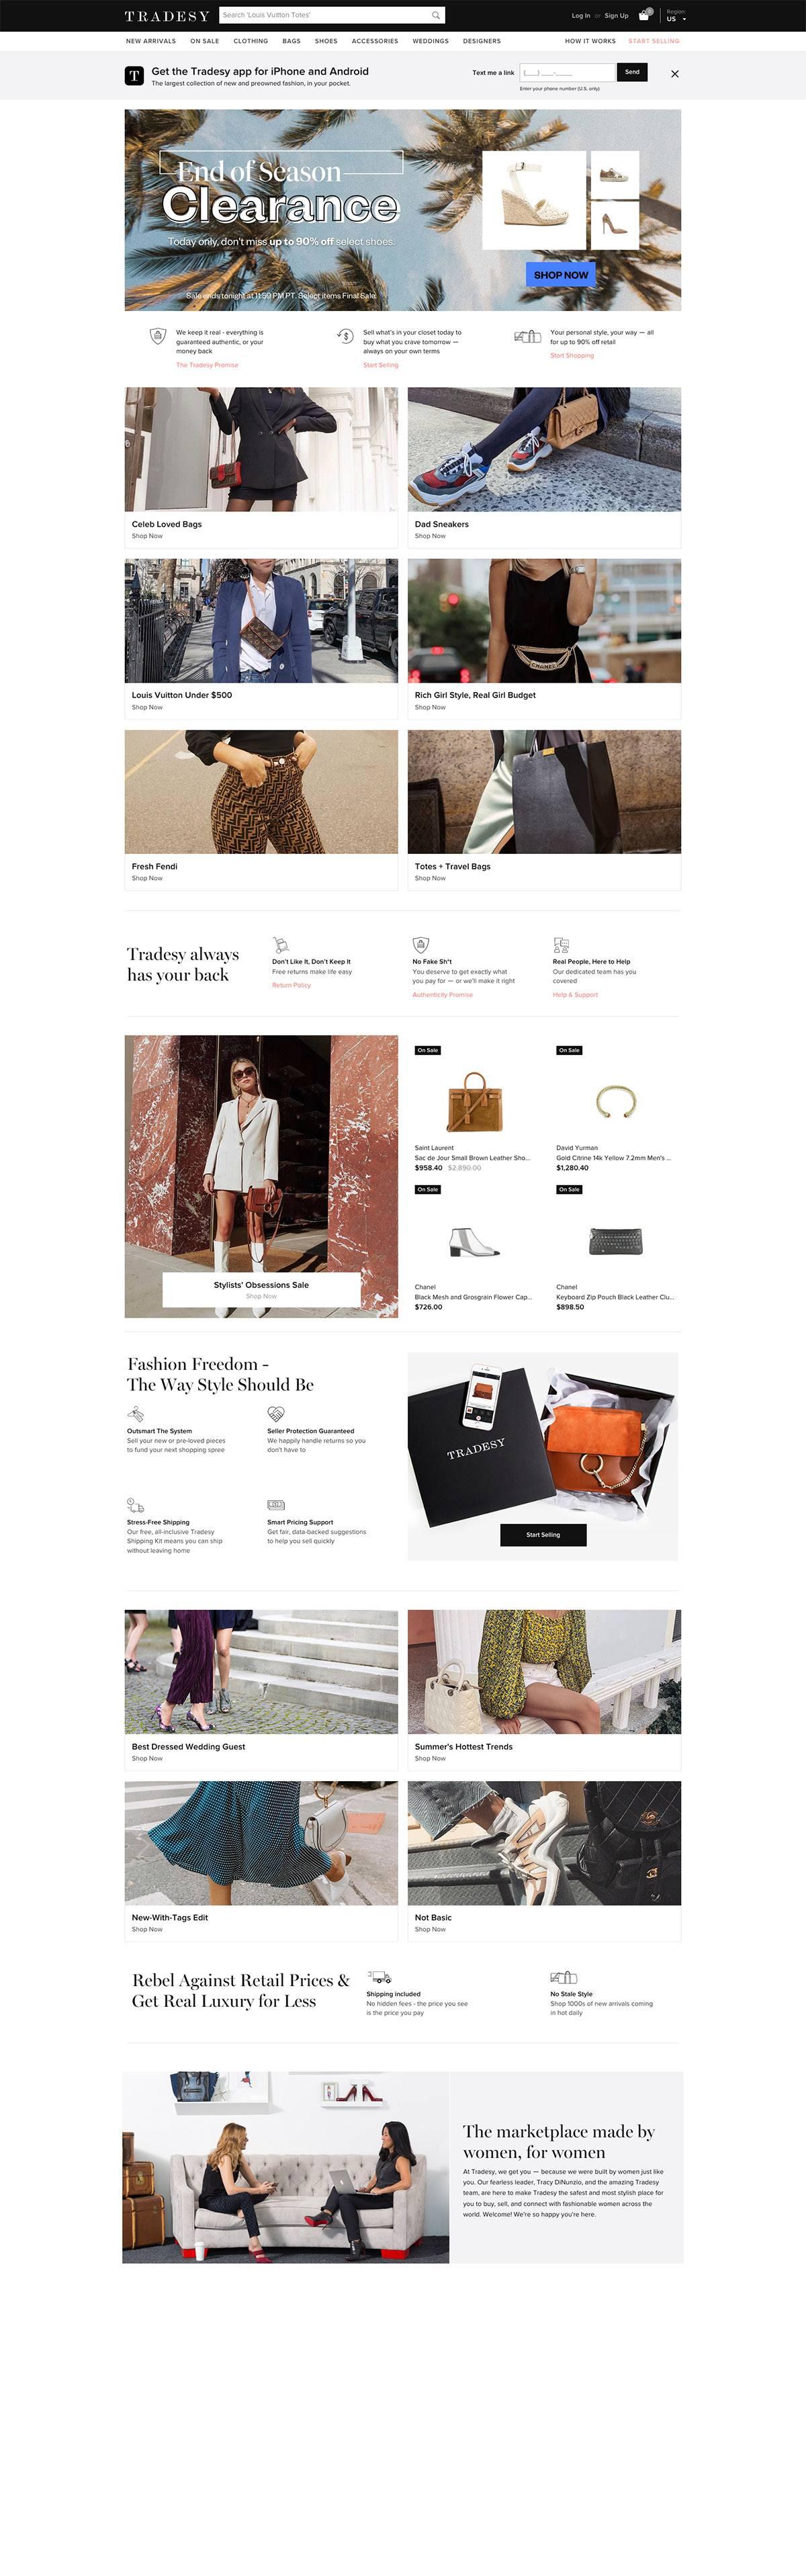 eCommerce website: Tradesy